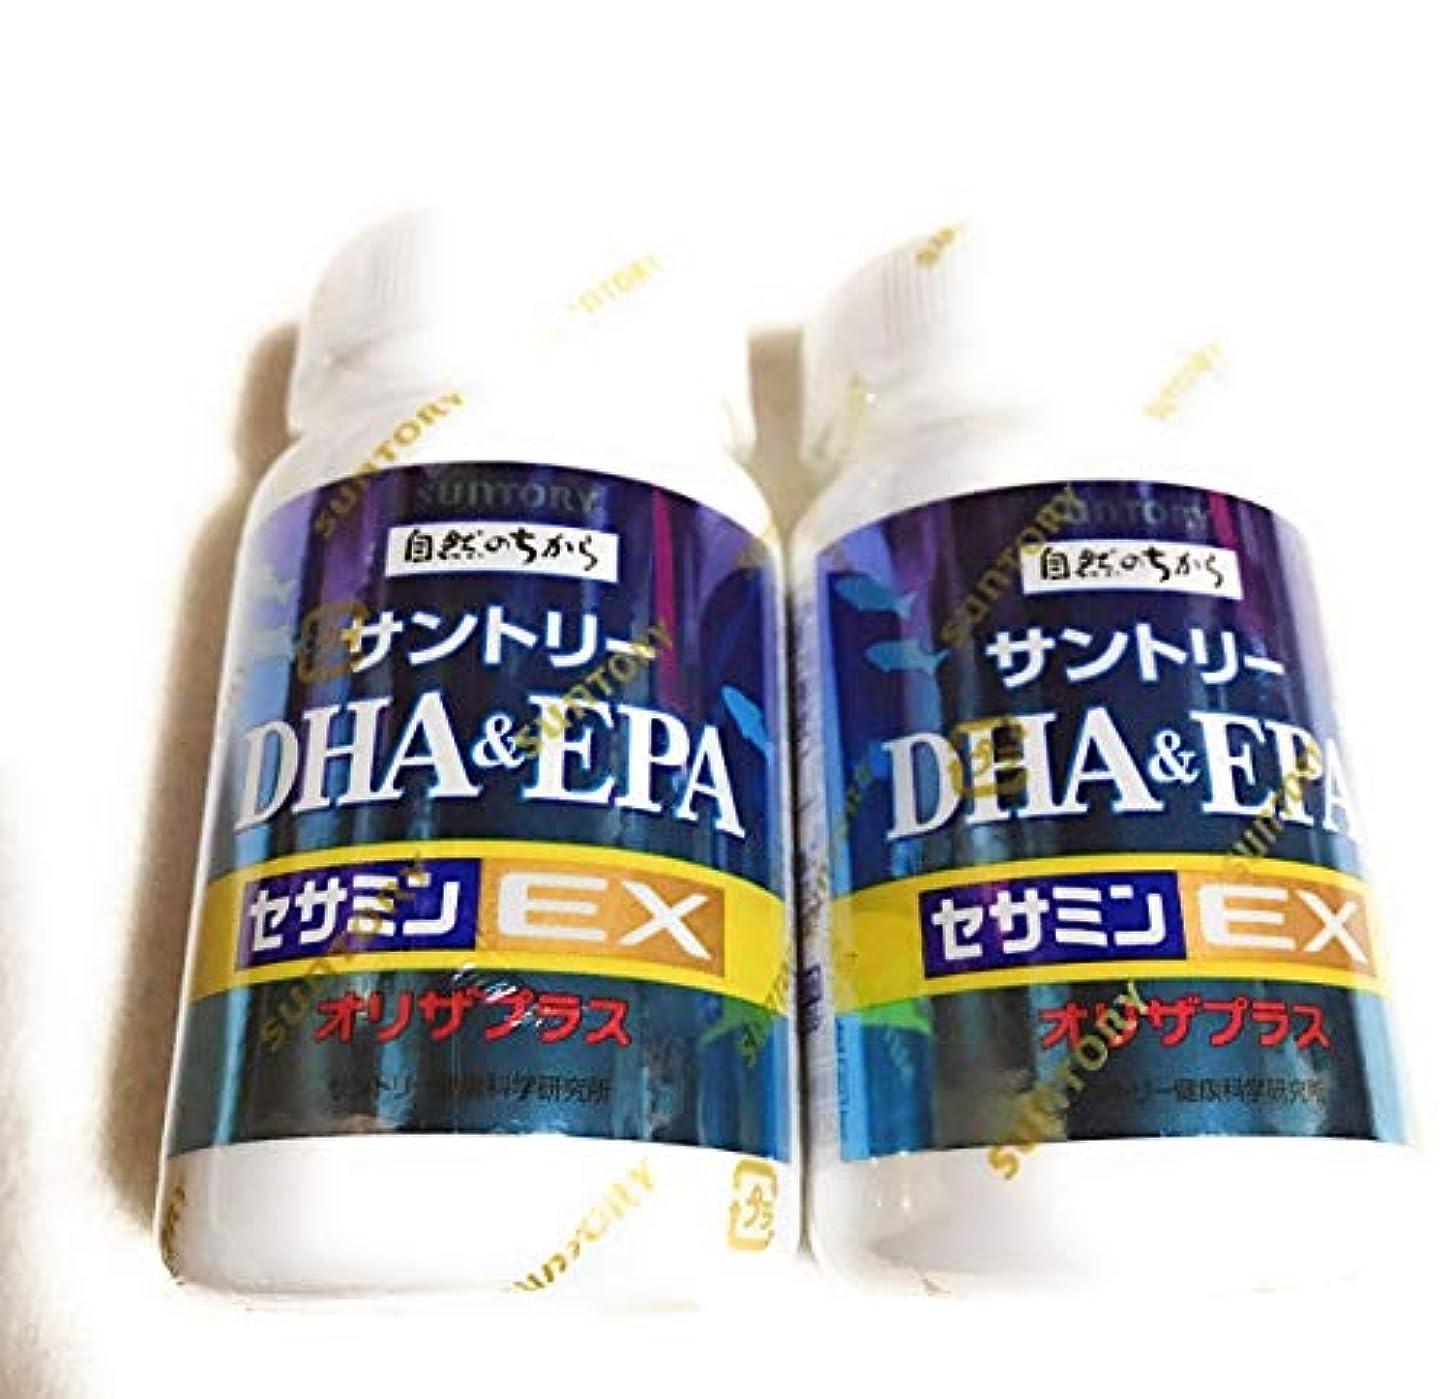 終了しました影響力のある経済サントリー DHA&EPA+セサミンEX 120粒 2本セット